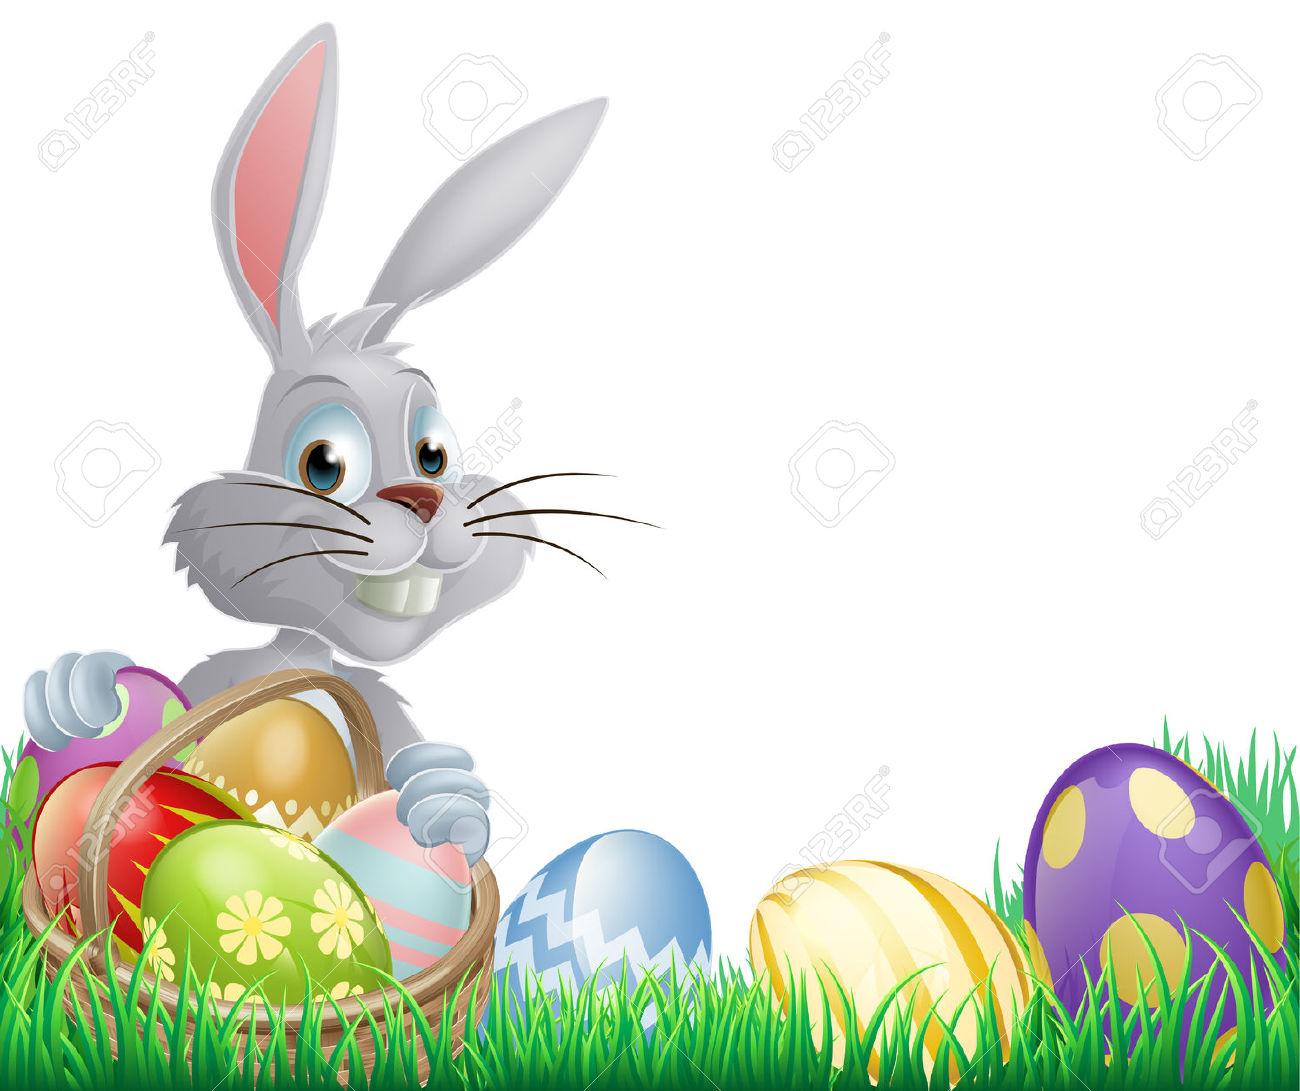 Easter egg hunt clipart border jpg Easter egg hunt clipart border - ClipartFest jpg